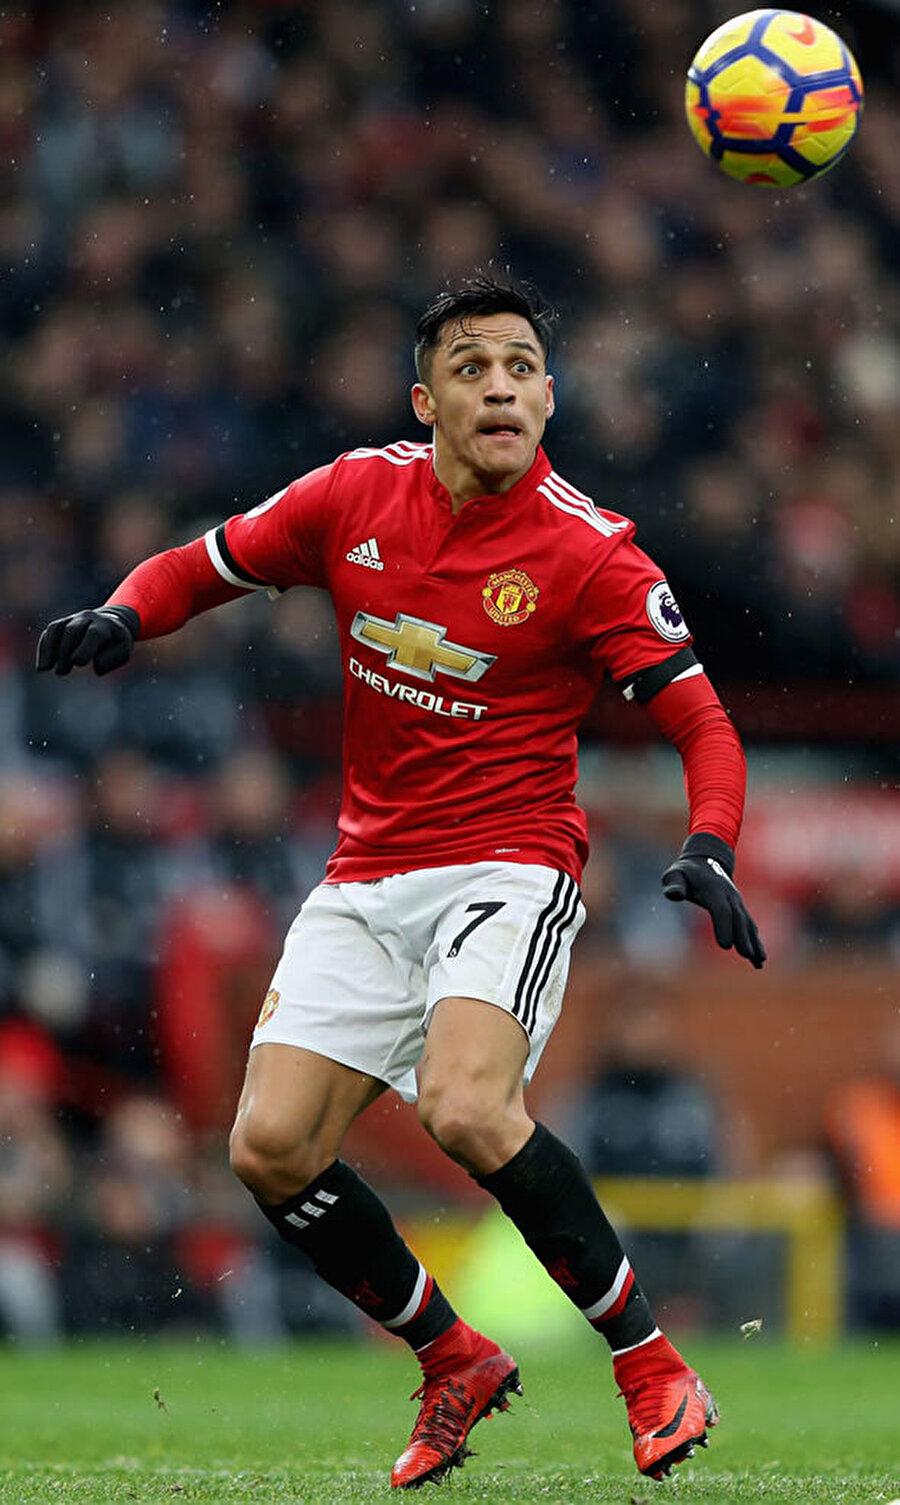 Alexis Sanchez-23.5 Milyon Euro Kulübü: Manchester United     Piyasa Değeri: 70 Milyon Euro     Sözleşme Bitiş Tarihi: 30.06.2022